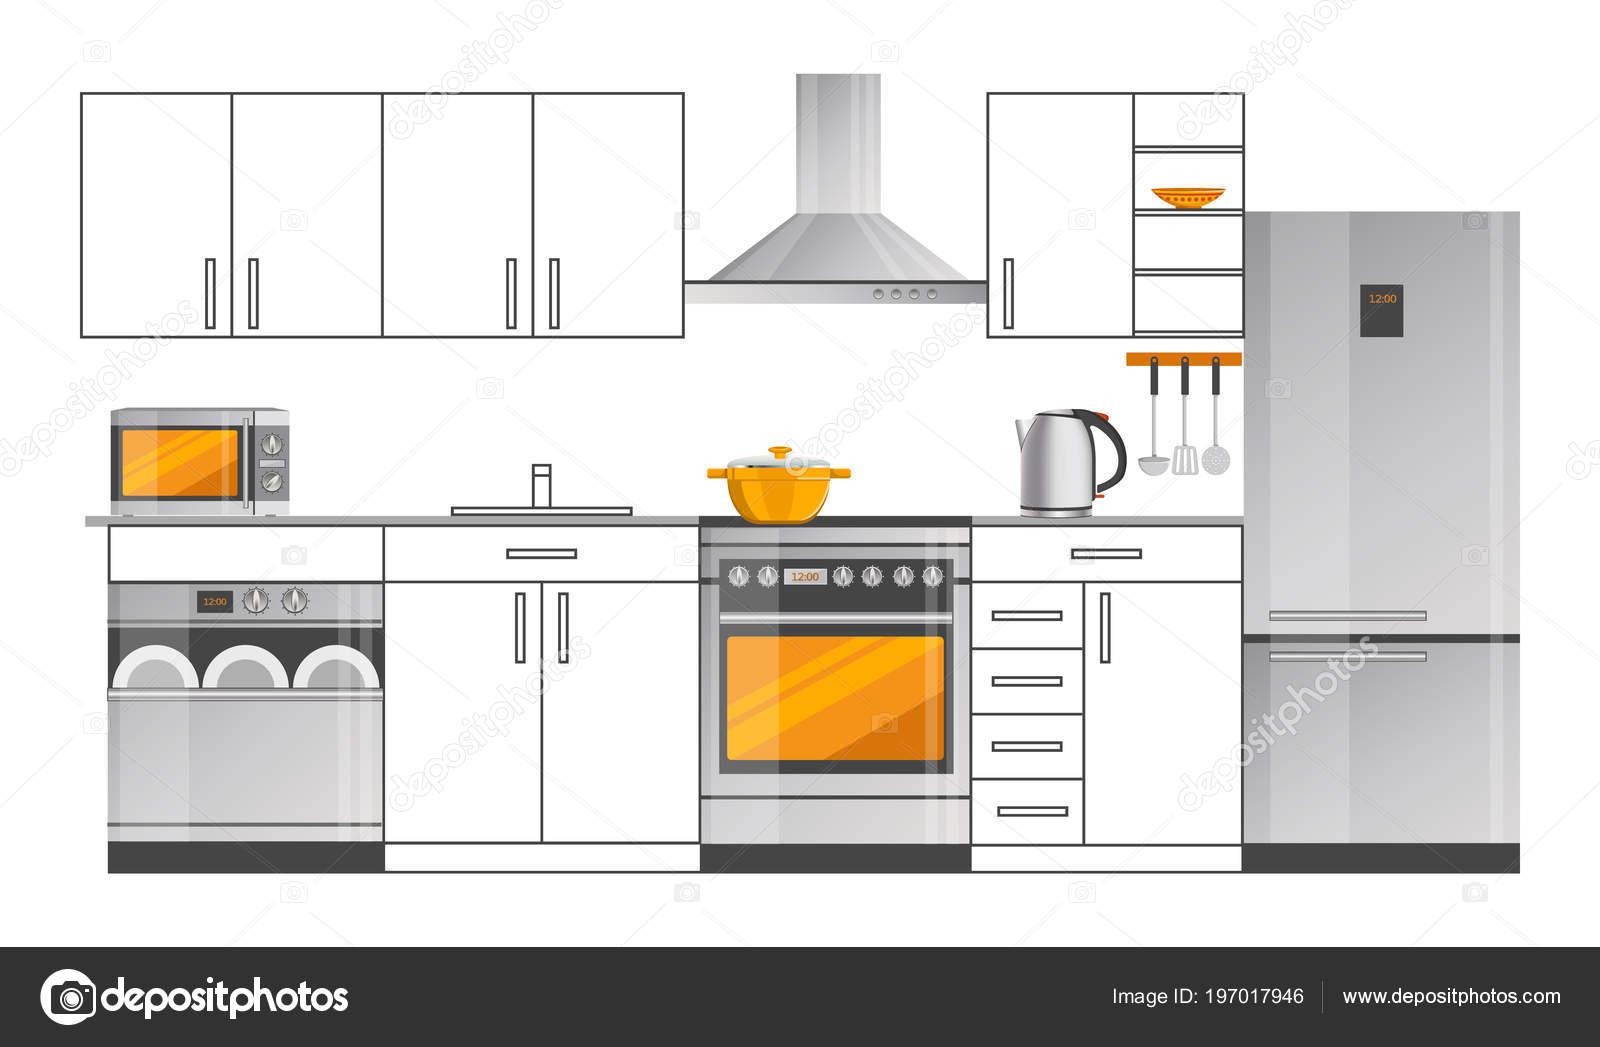 Plantilla de diseño de interiores de cocina con electrodomésticos ...